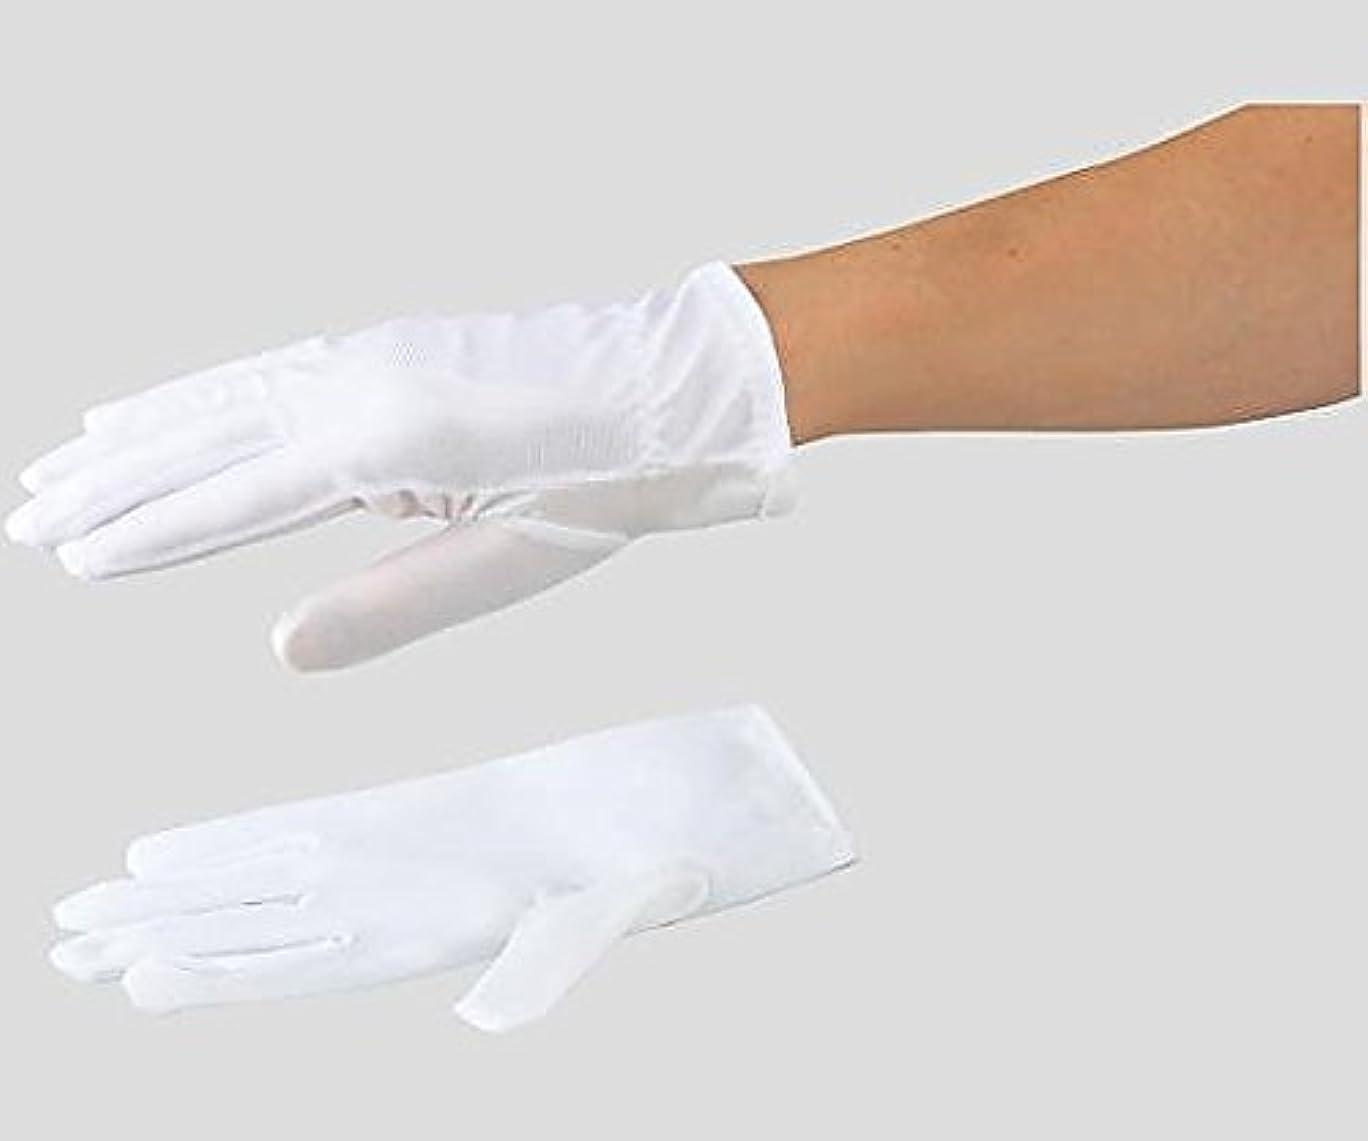 イタリアのレイ寸前アズピュア 防塵手袋 ポリエステル 12双